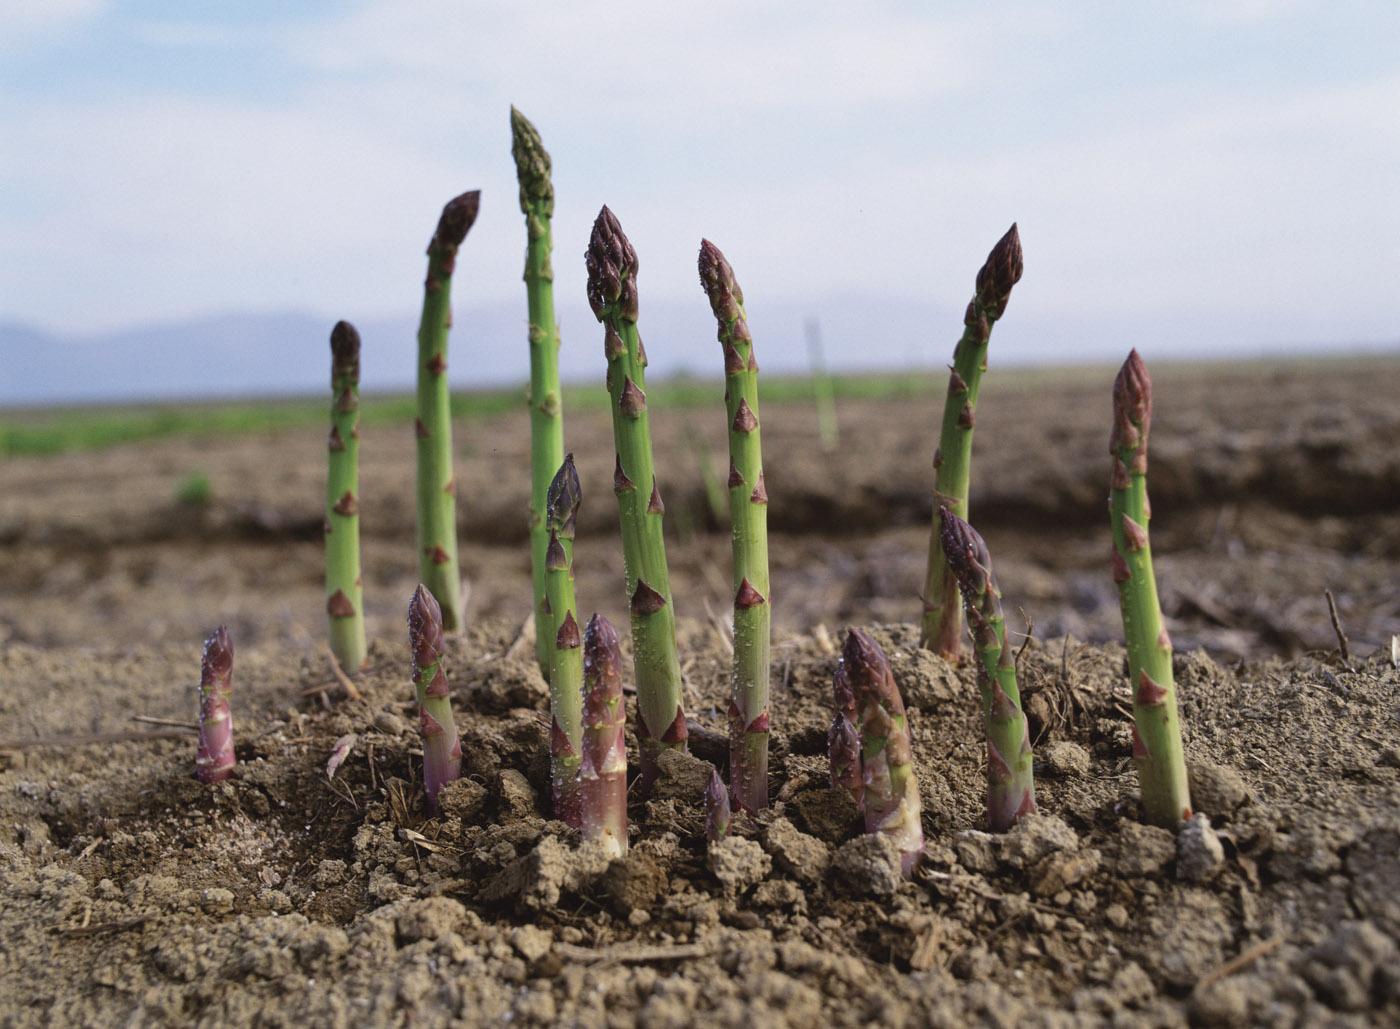 Comment Planter Des Asperges l'asperge, le légume qui met 3 ans pour pousser - oui ! le